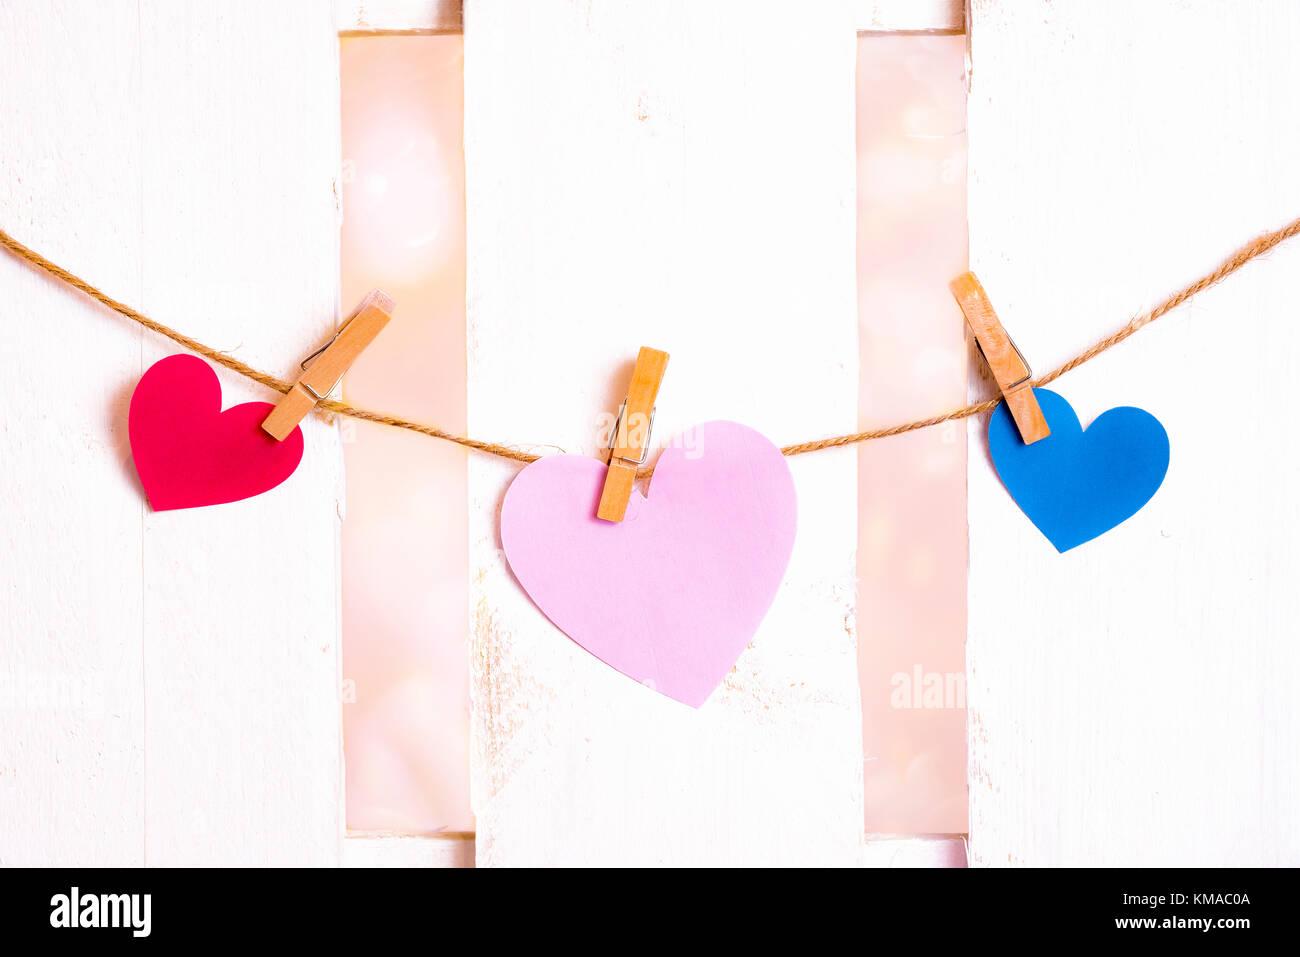 Saint-valentin image avec un gros coeur rose au milieu, un rouge et un bleu sur les côtés, en papier et Photo Stock